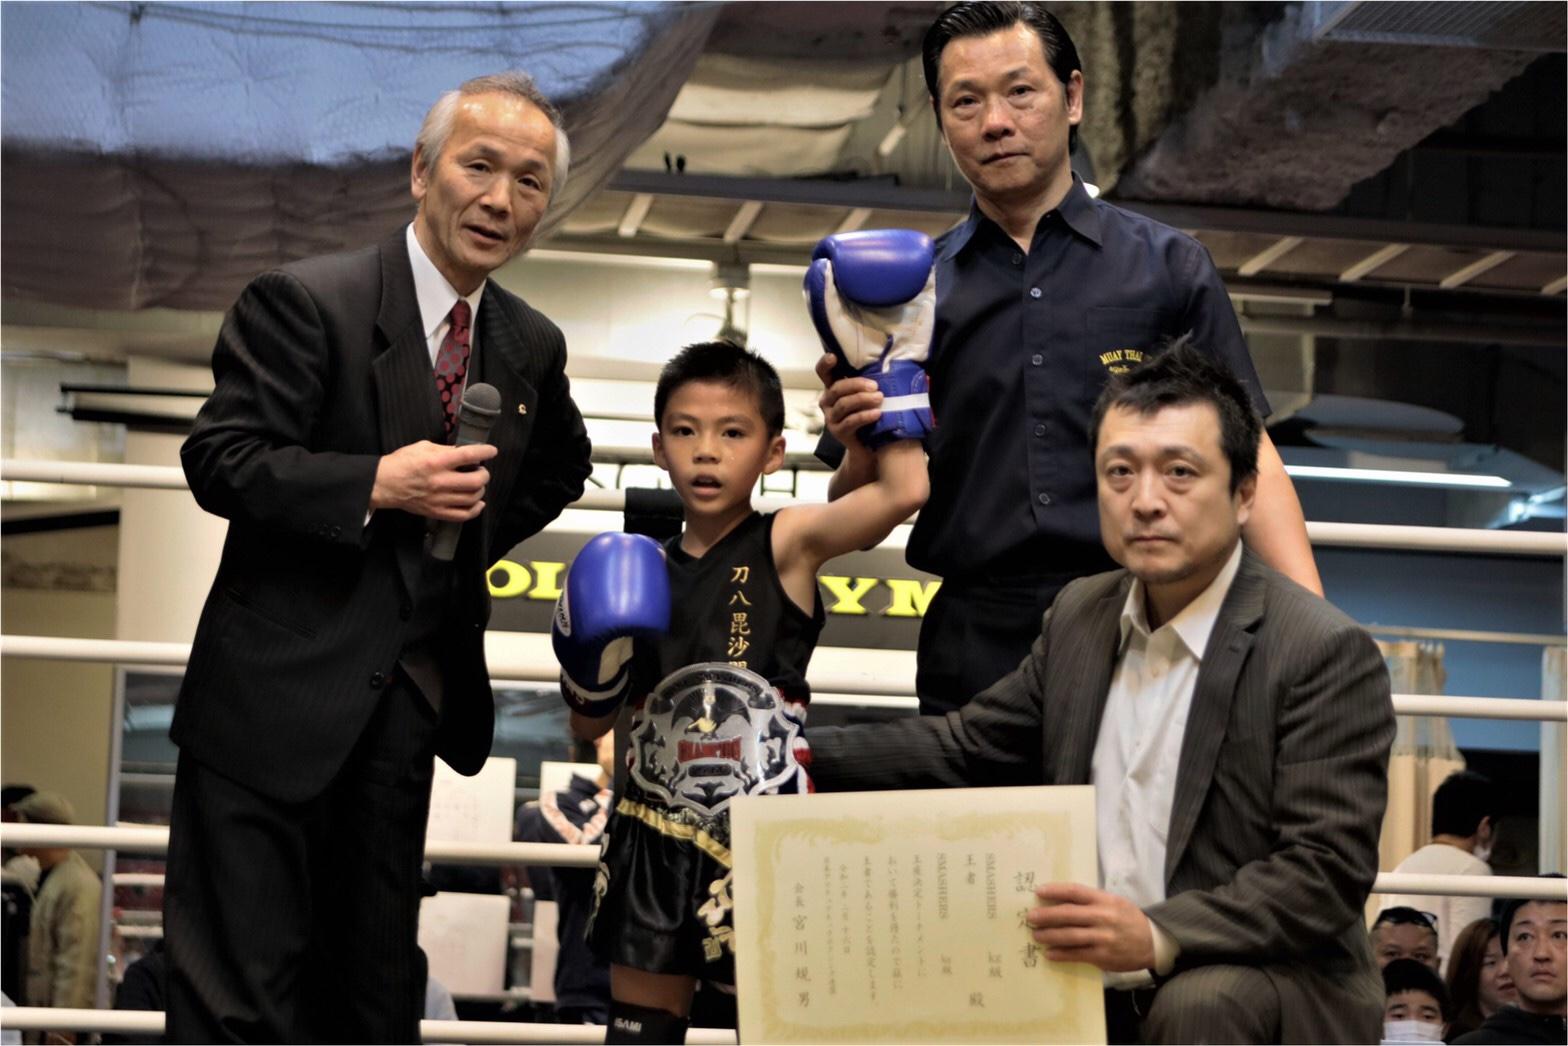 アキラSMASHERS 23kg級トーナメント優勝、2階級制覇